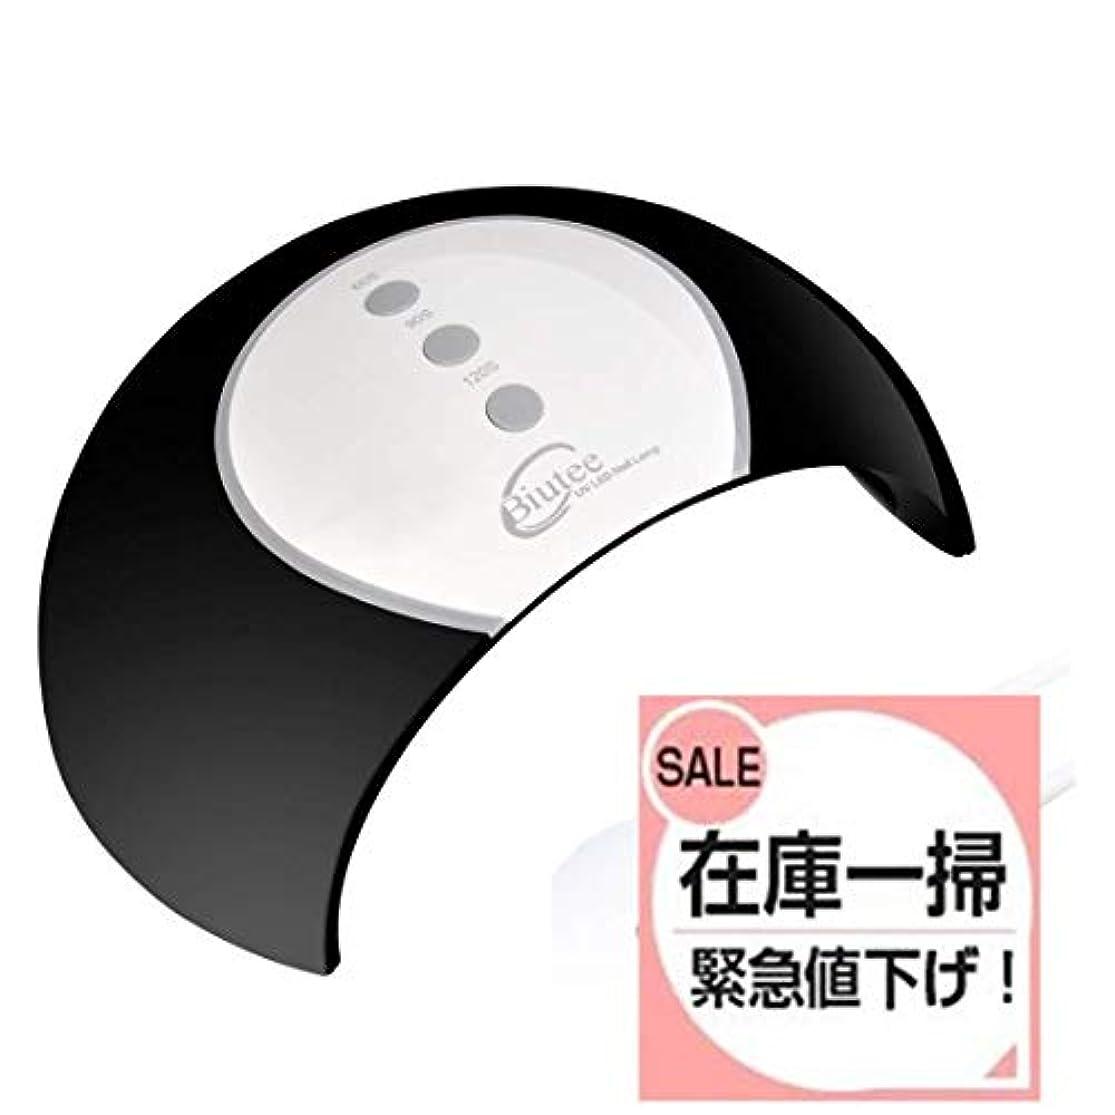 抜け目のない転用体系的に24W ネイルライト USB充電 8個LED 60s 90s 120sタイマー 手足両用 自動センサー付き ネイルドライヤー UV LED ジェルネイルライト 日本語説明書付き